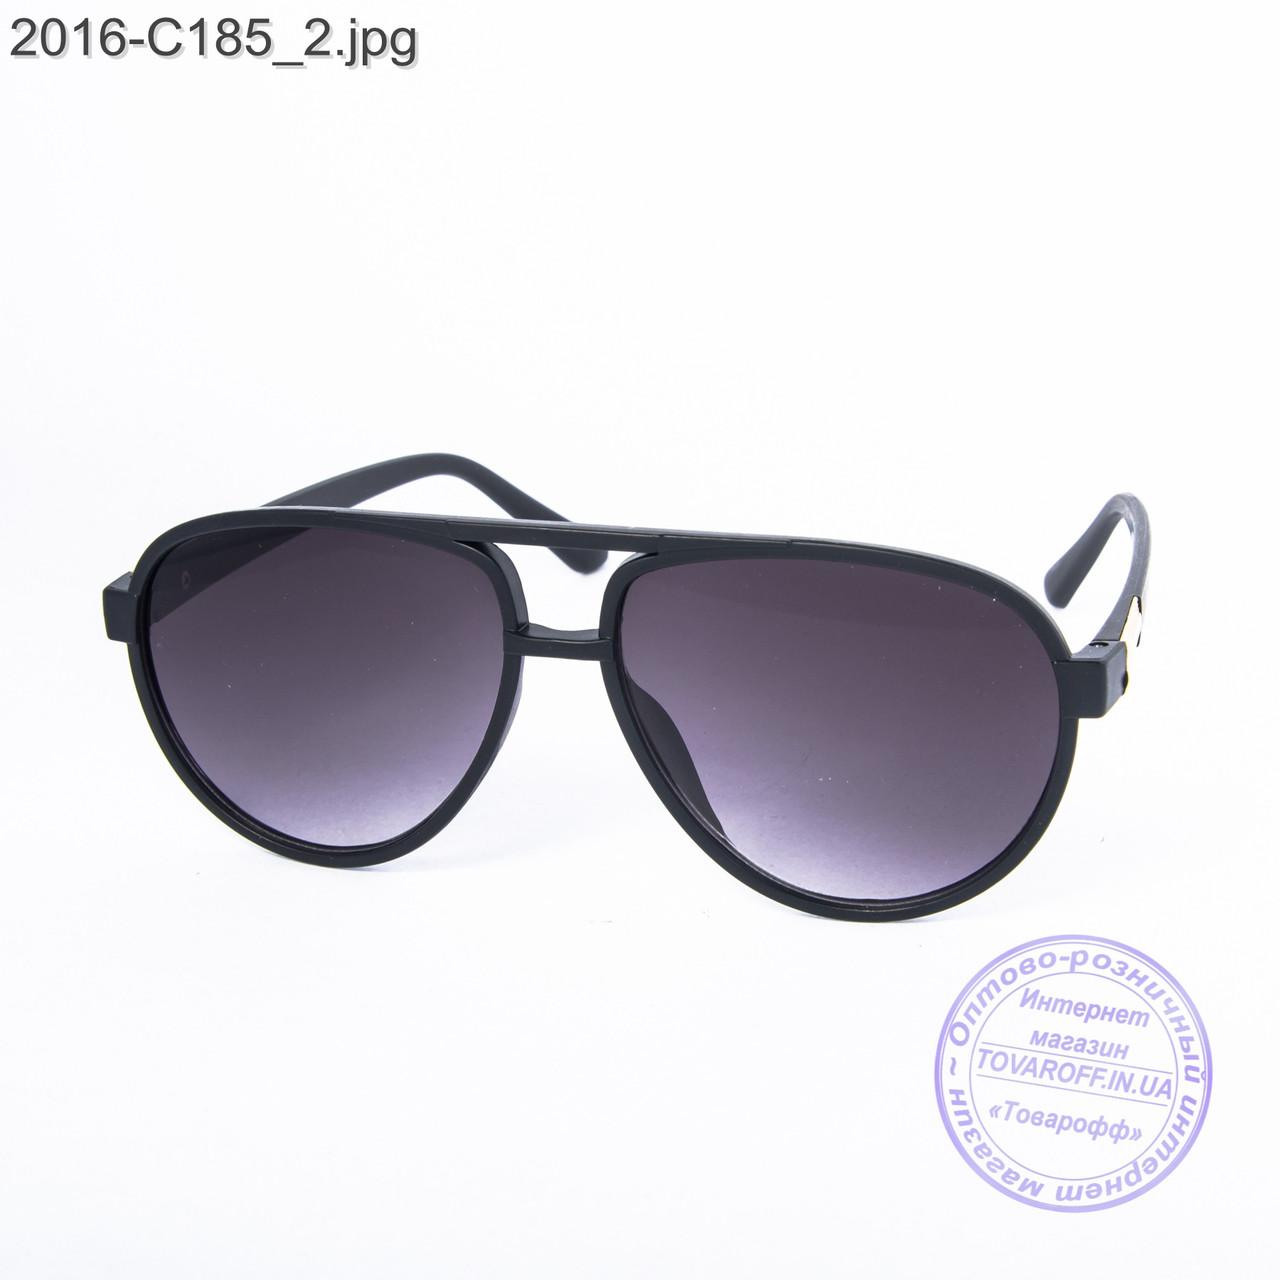 Солнцезащитные очки унисекс - черные - 2-16-C185